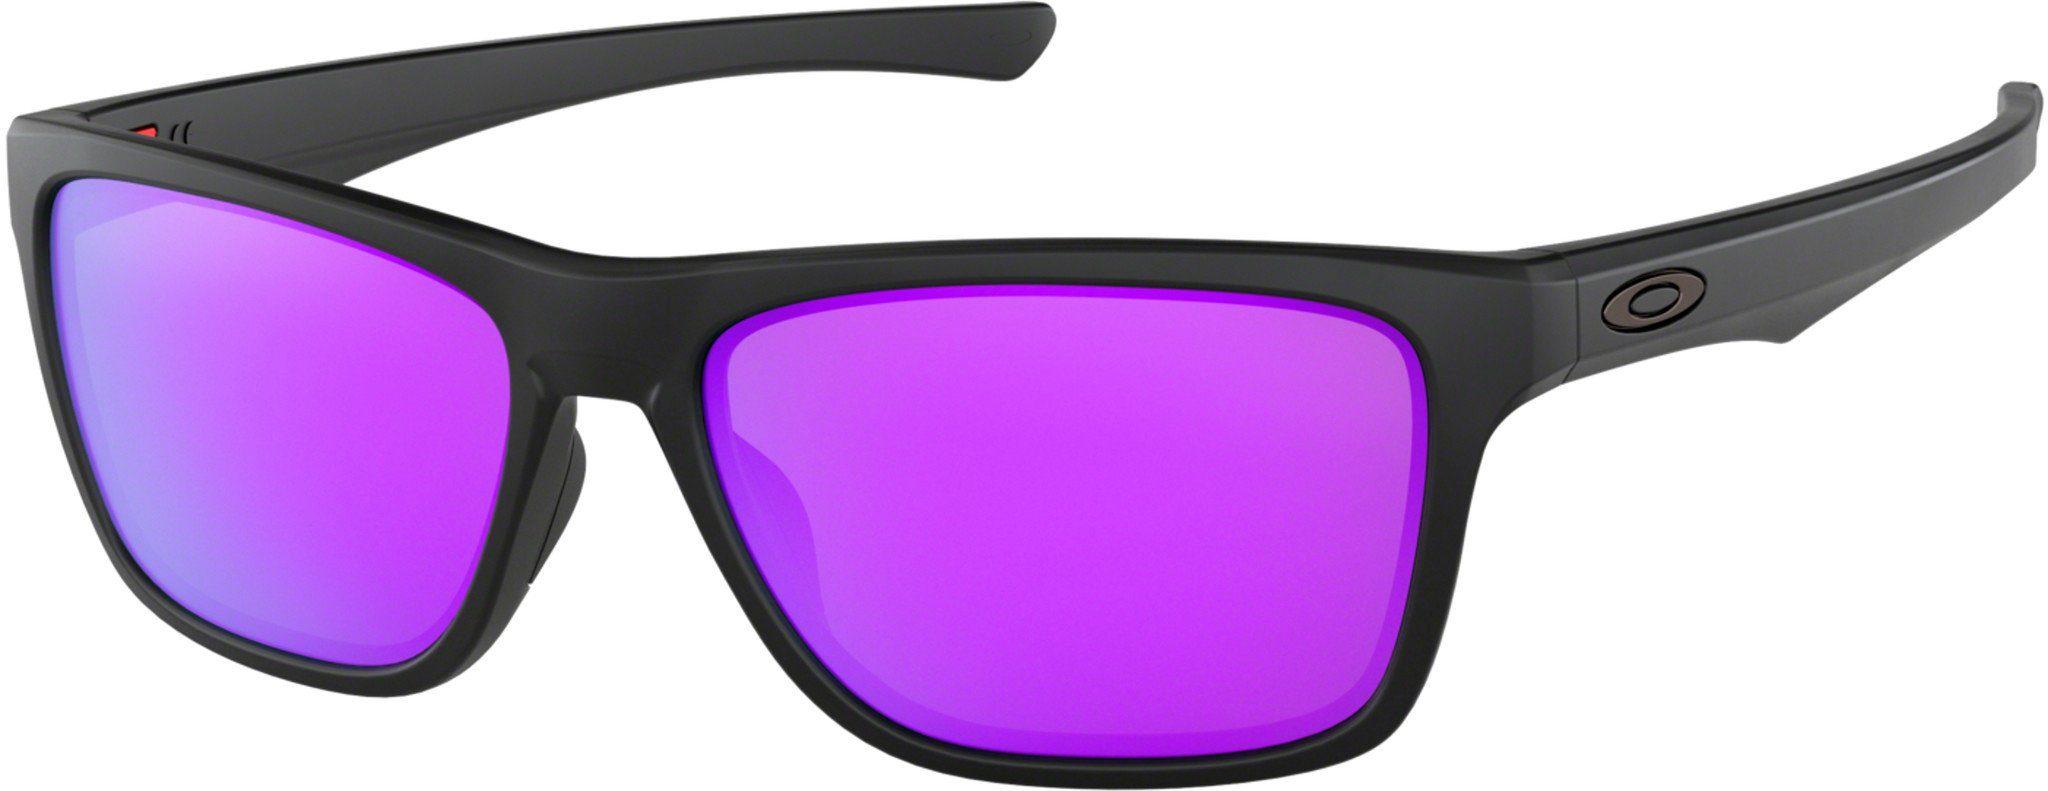 Oakley Sportbrille »Holston Sunglasses«, schwarz, schwarz